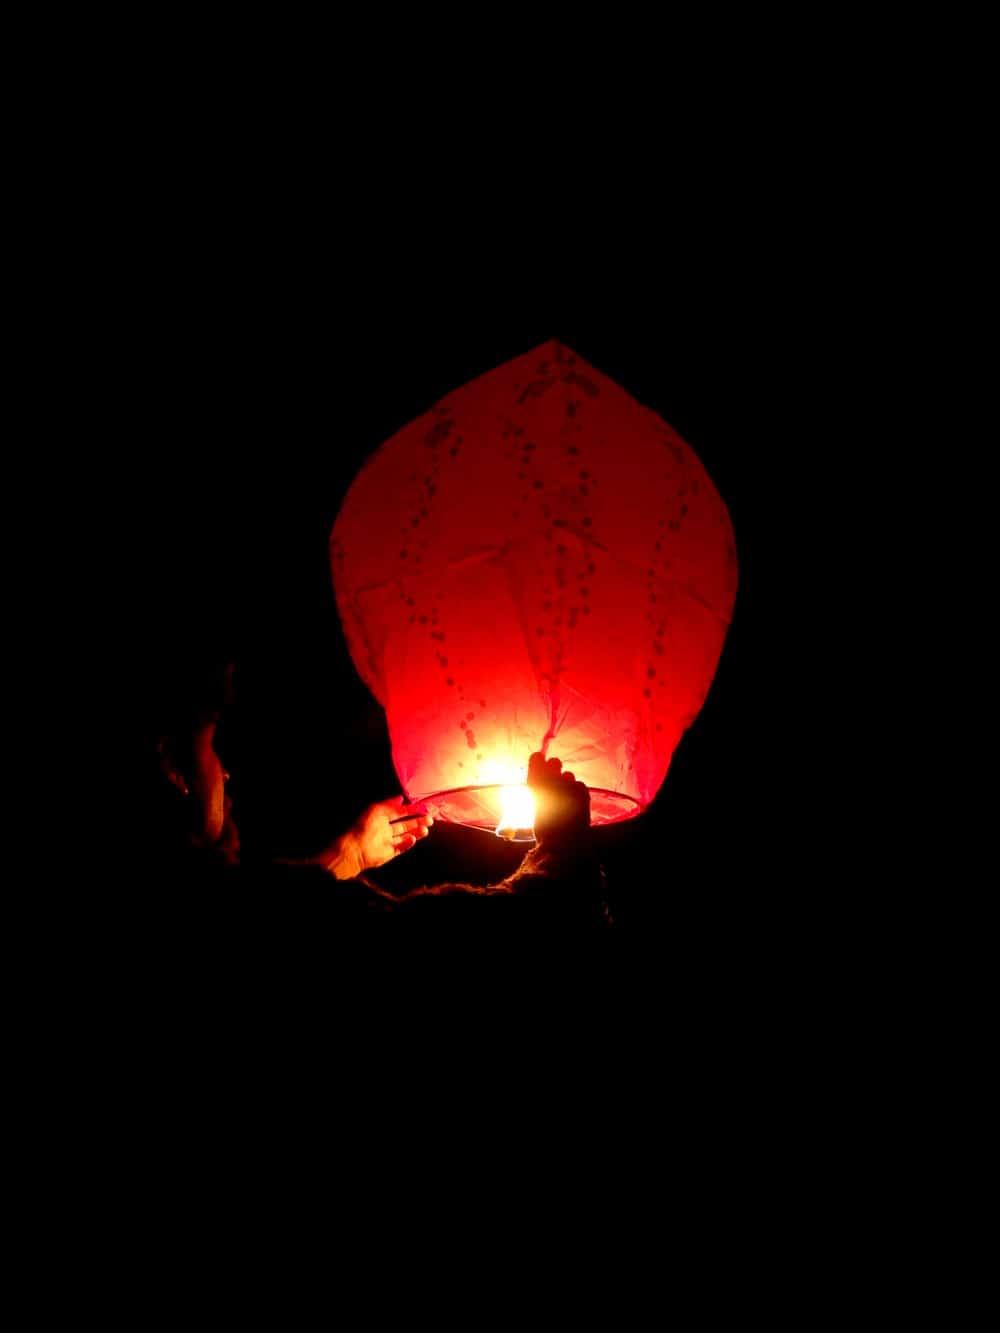 comment faire avec la lanterne volante skylantern